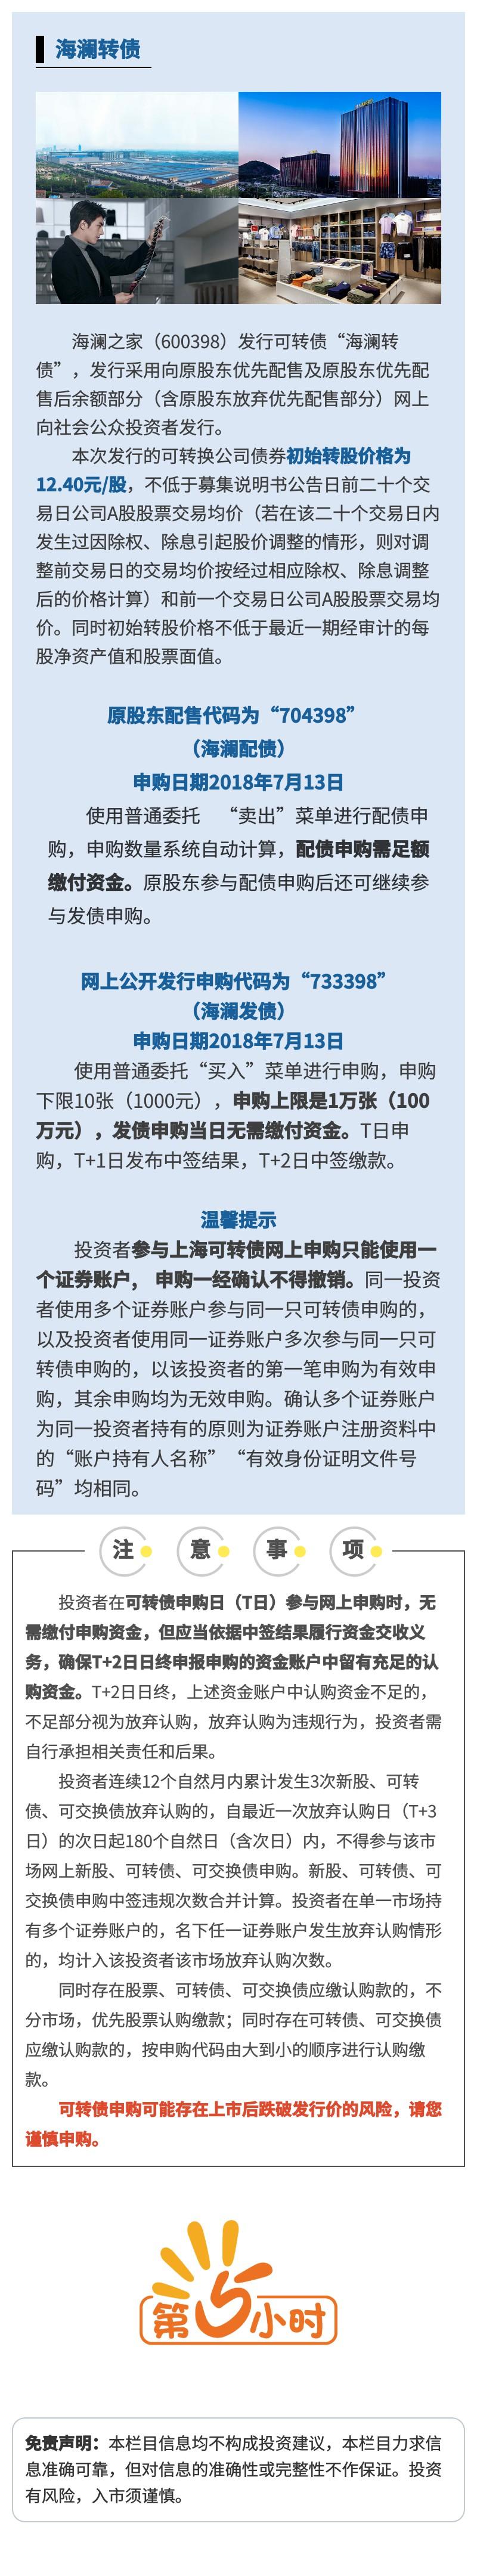 【新债申购】海澜之家(600398)公开发行可转换公司债.jpg